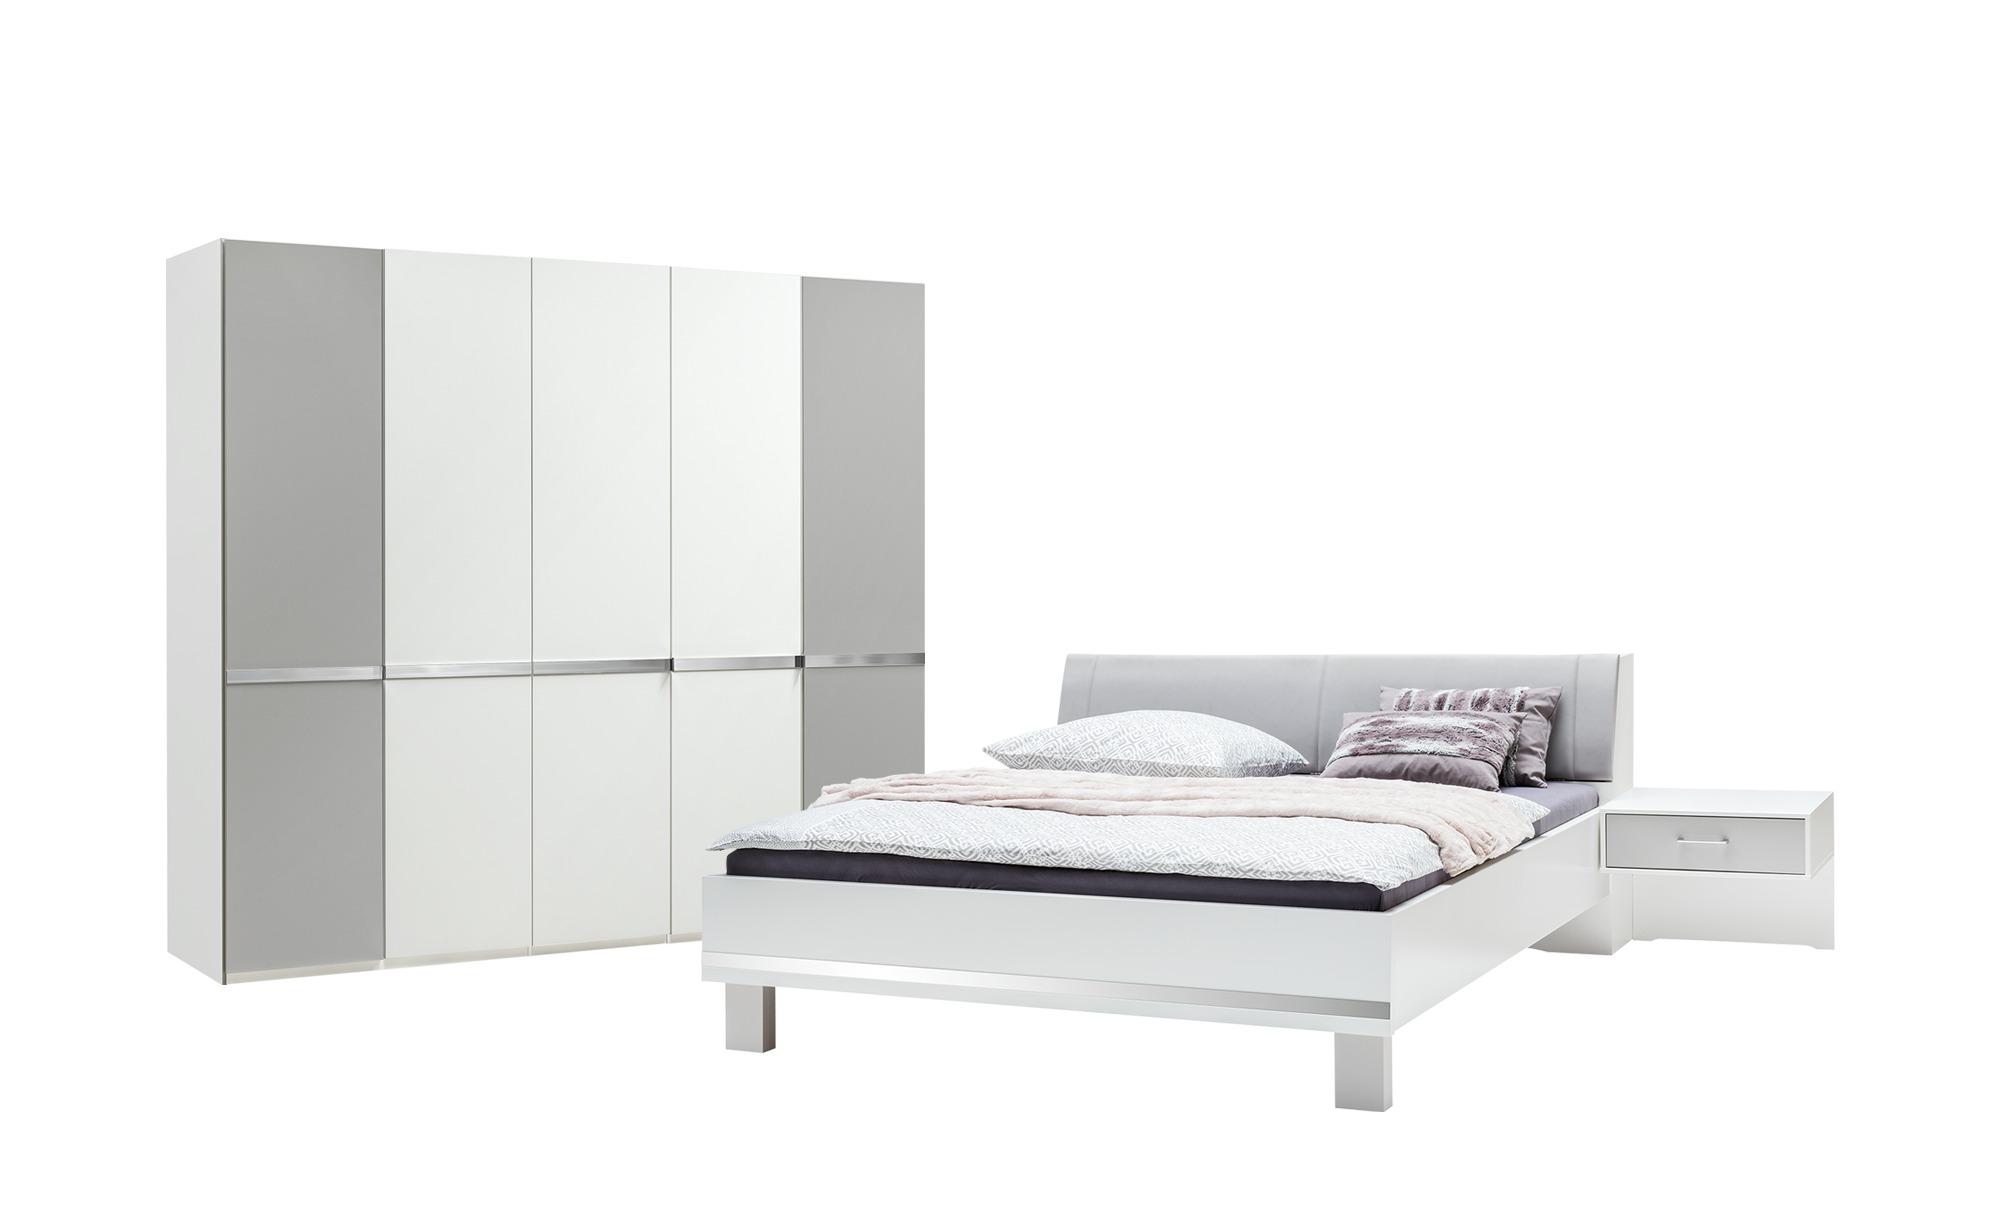 Uno Schlafzimmer 4 Teilig Paderborn Mit Bettkasten Im Kopfteil 180x200 Cm